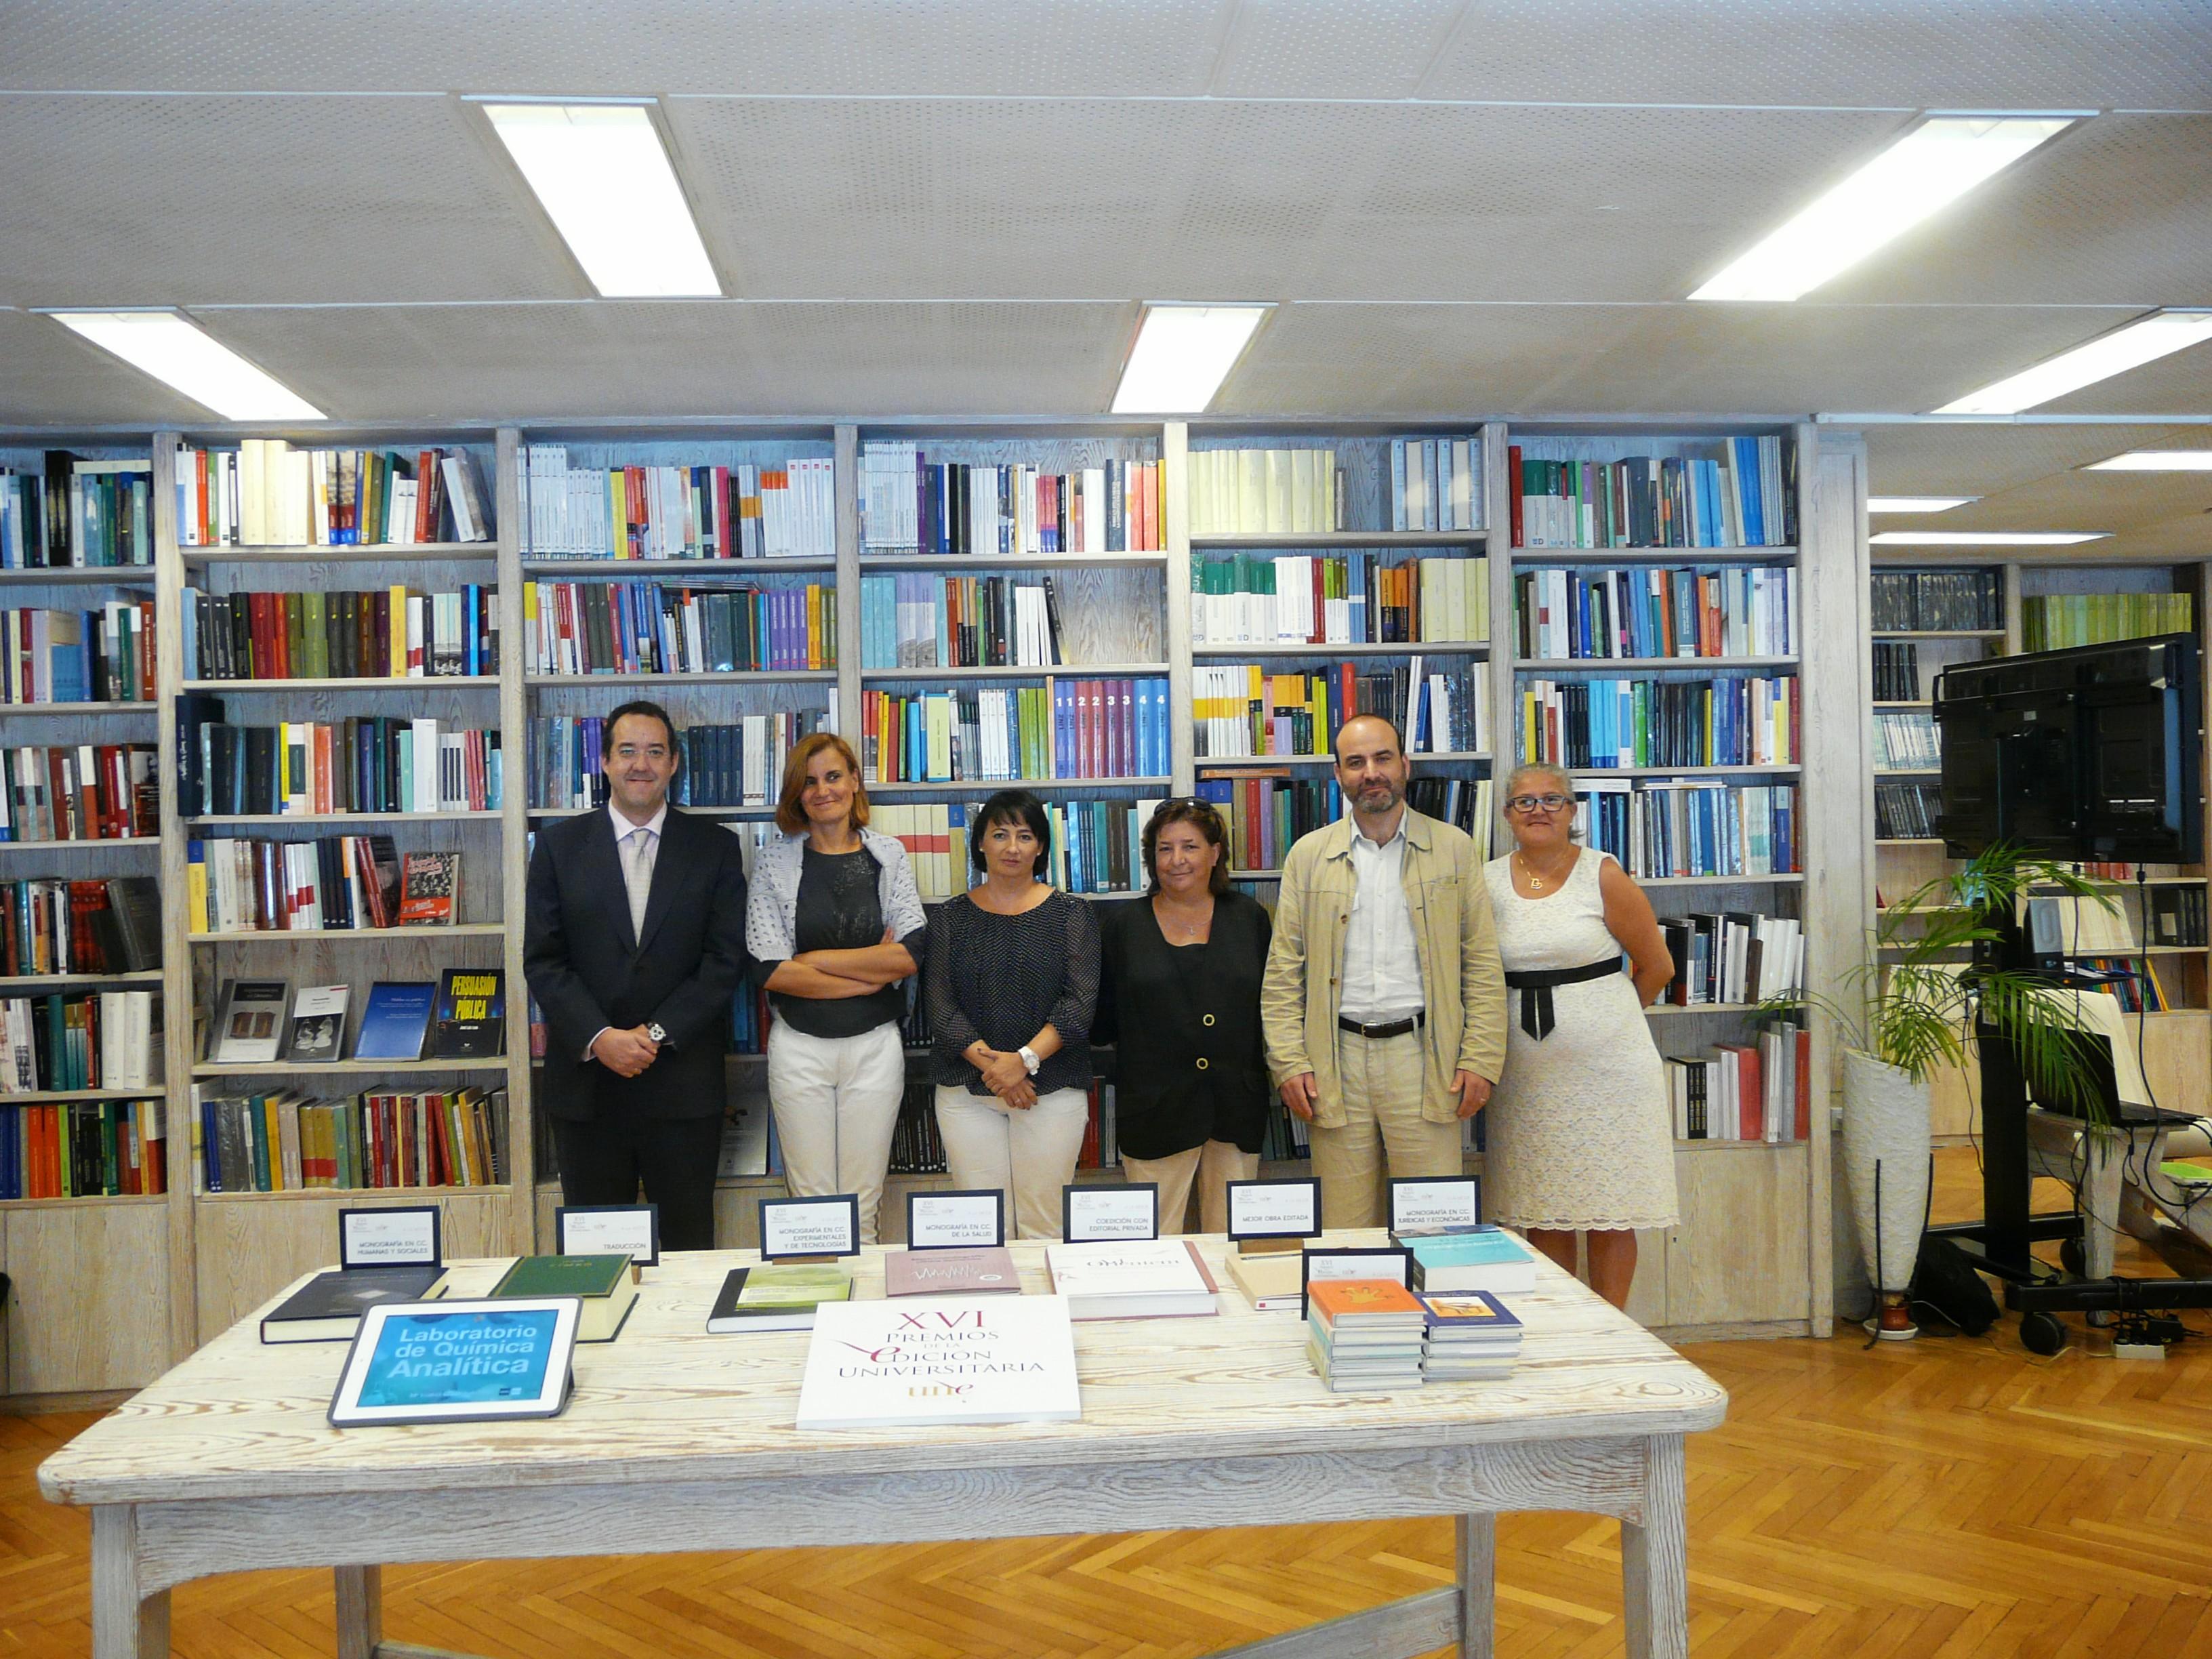 La Universidad Salamanca consigue dos galardones en los XVI Premios Nacionales de Edición Universitaria